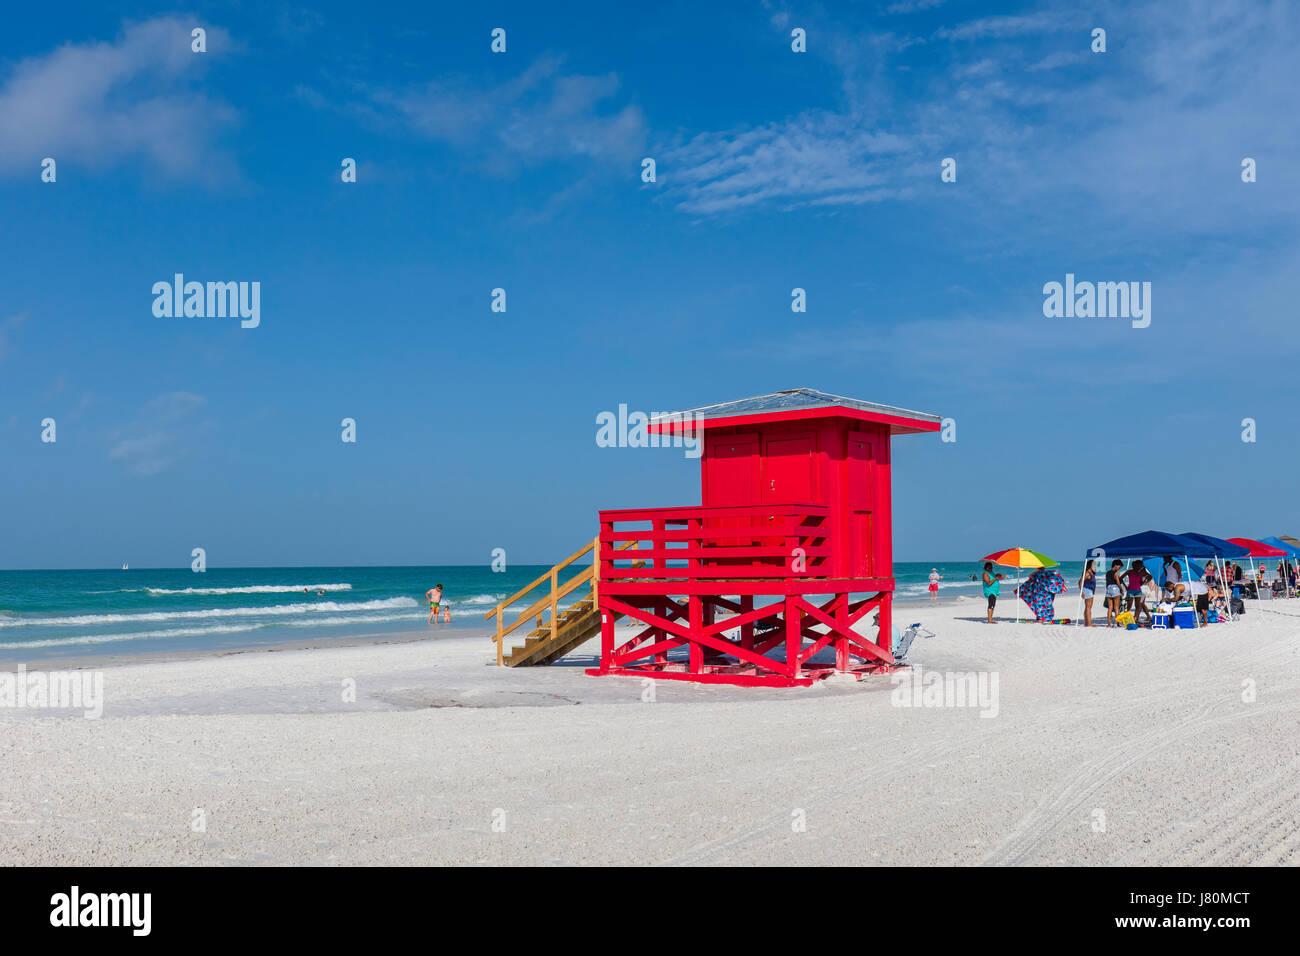 Torre de vigilante de la Playa Roja Siesta Key Beach Playa número 1 en Estados Unidos en el Golfo de México Imagen De Stock